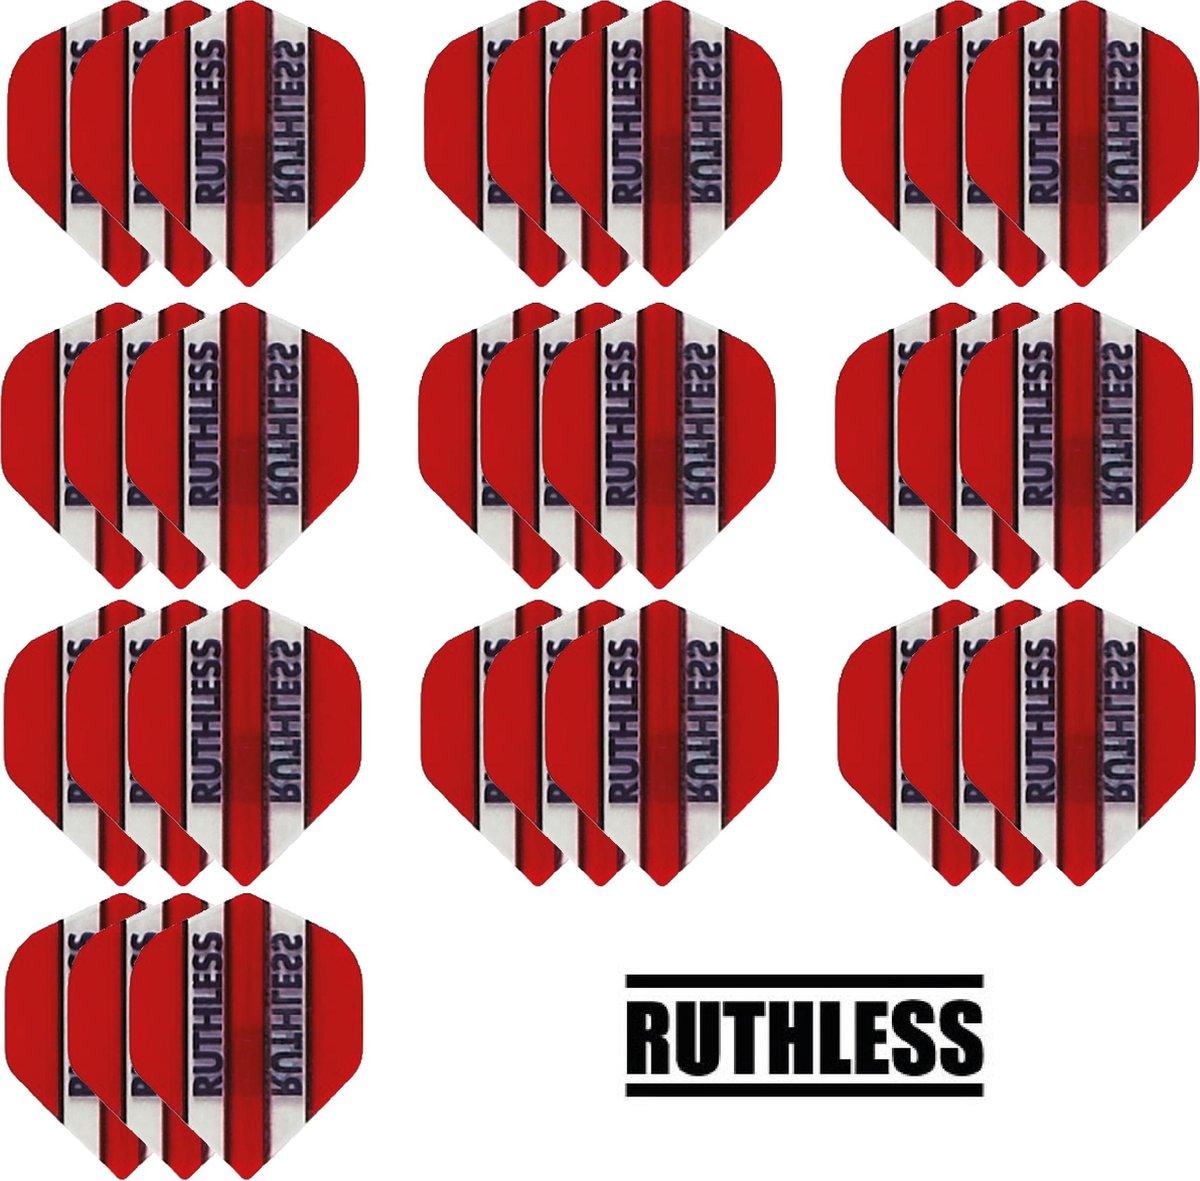 deDartshop 10 Sets (30 stuks) Ruthless flights Multipack - Rood - darts flights